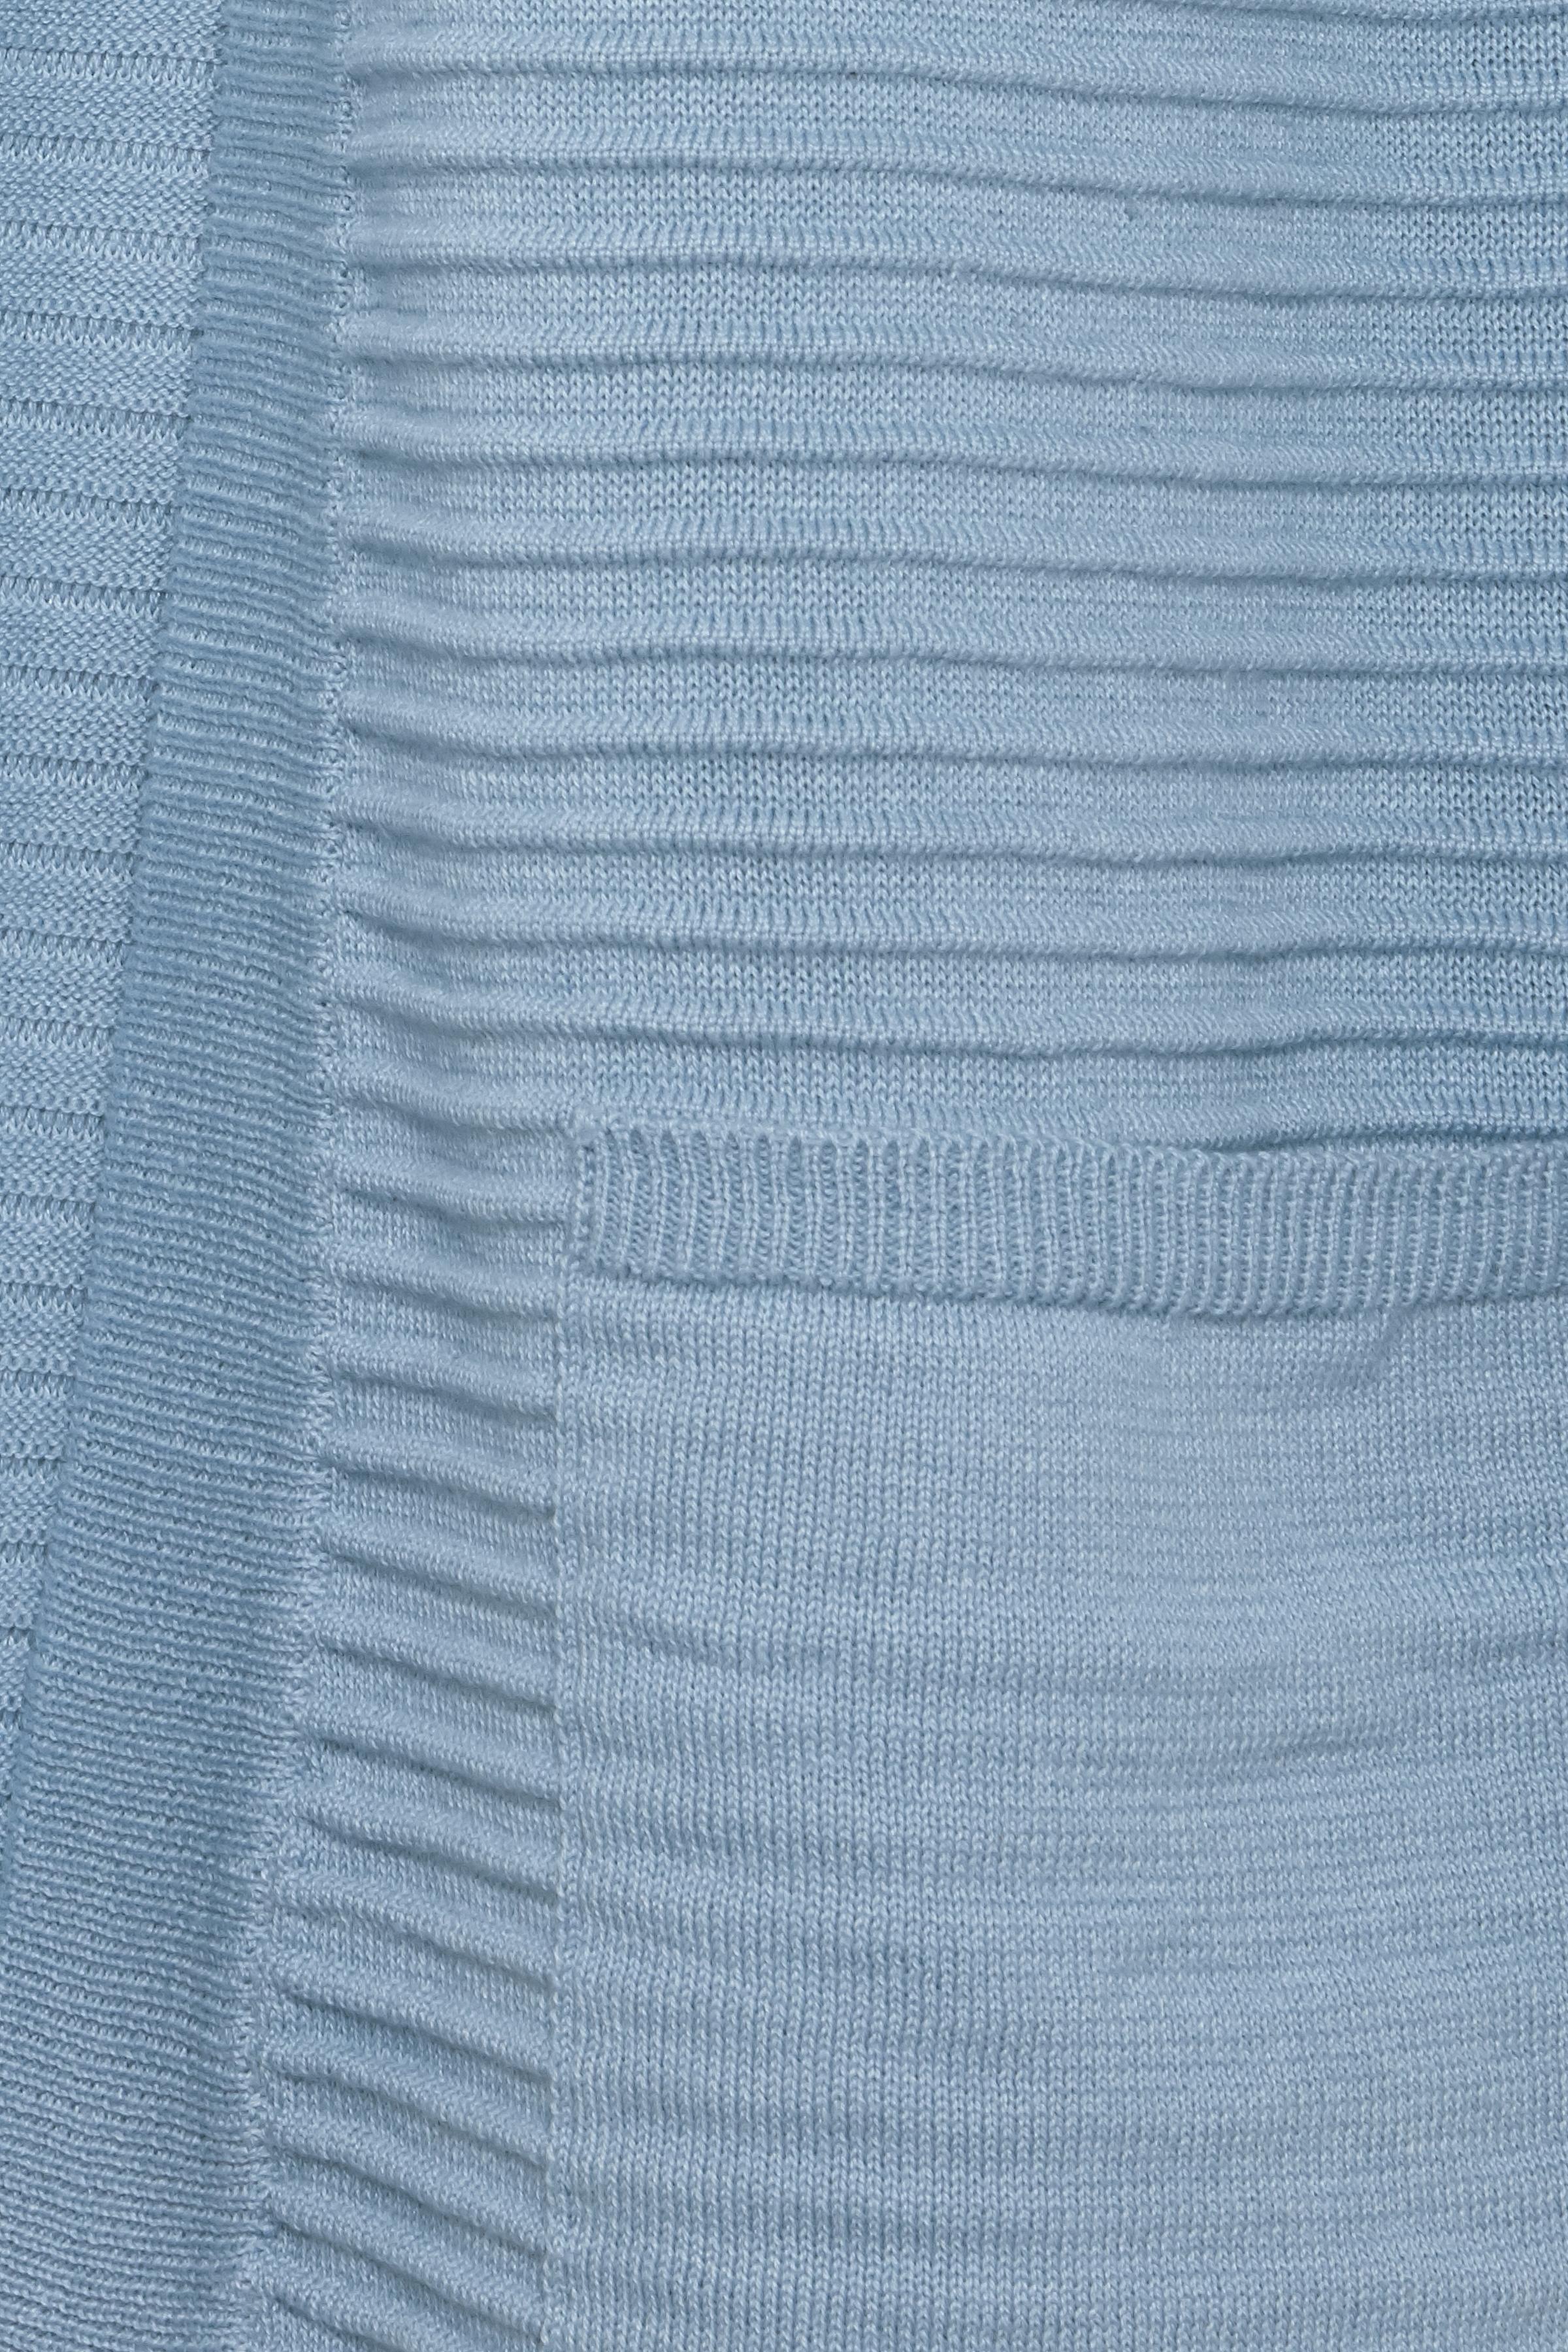 Støvet blå Strikcardigan fra Fransa – Køb Støvet blå Strikcardigan fra str. XS-XXL her